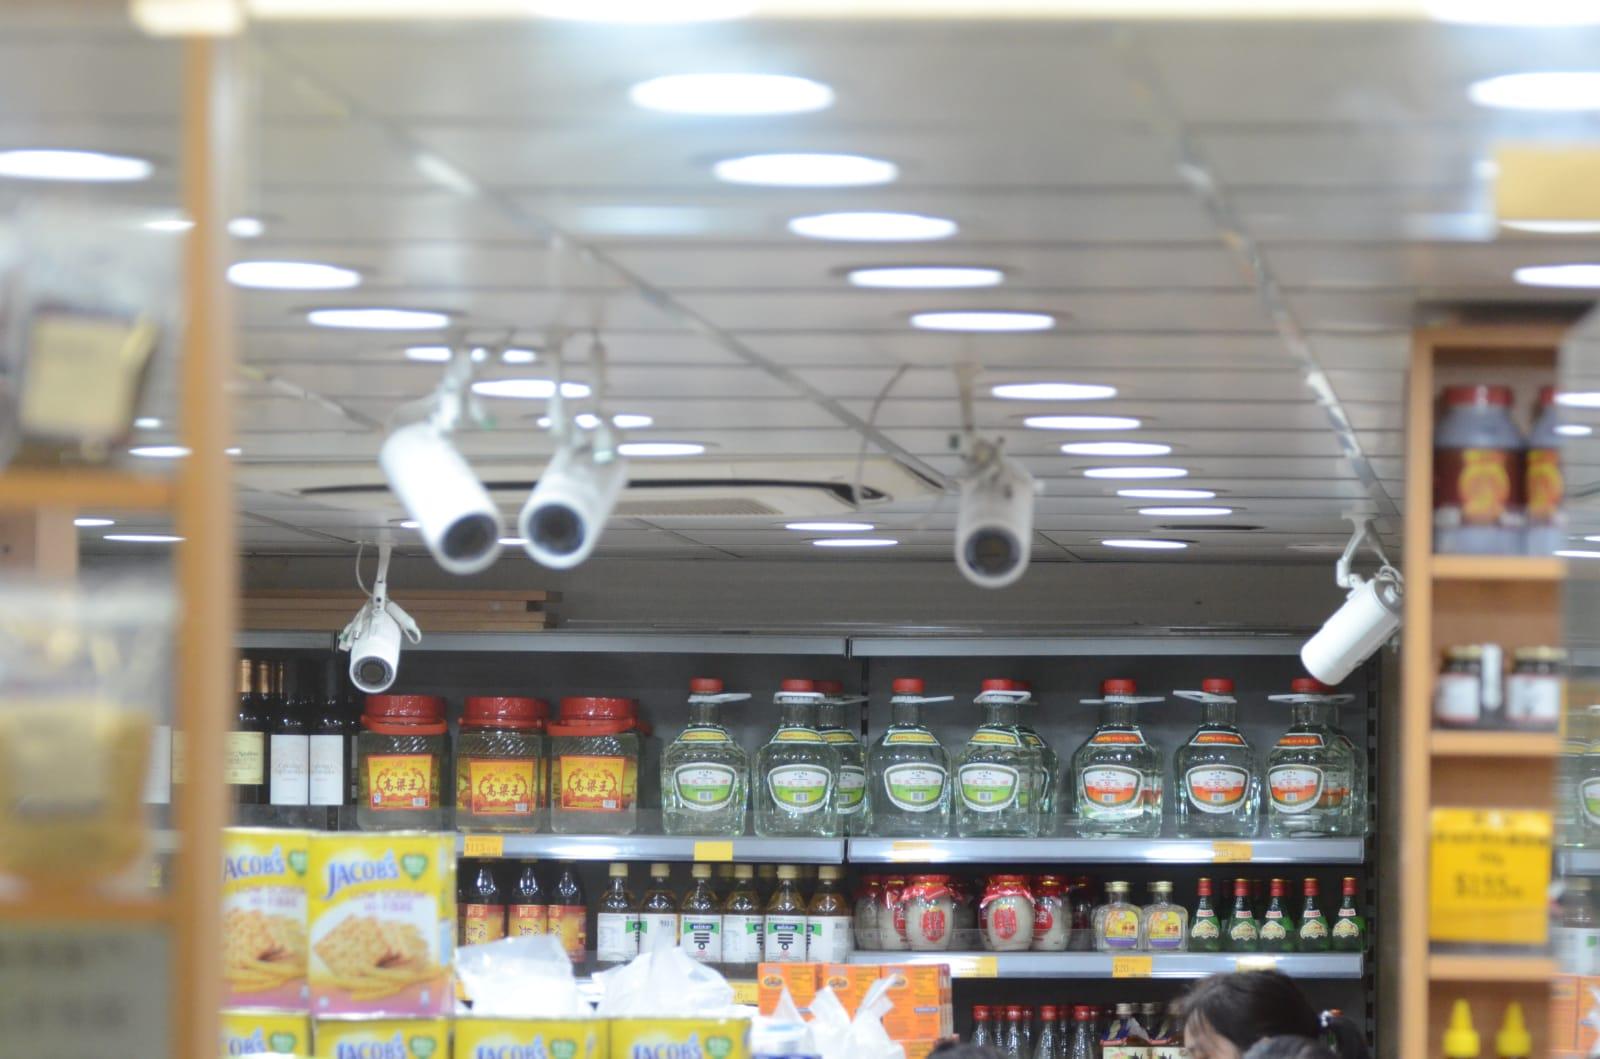 店铺内外共装有至少10个闭路电视镜头。